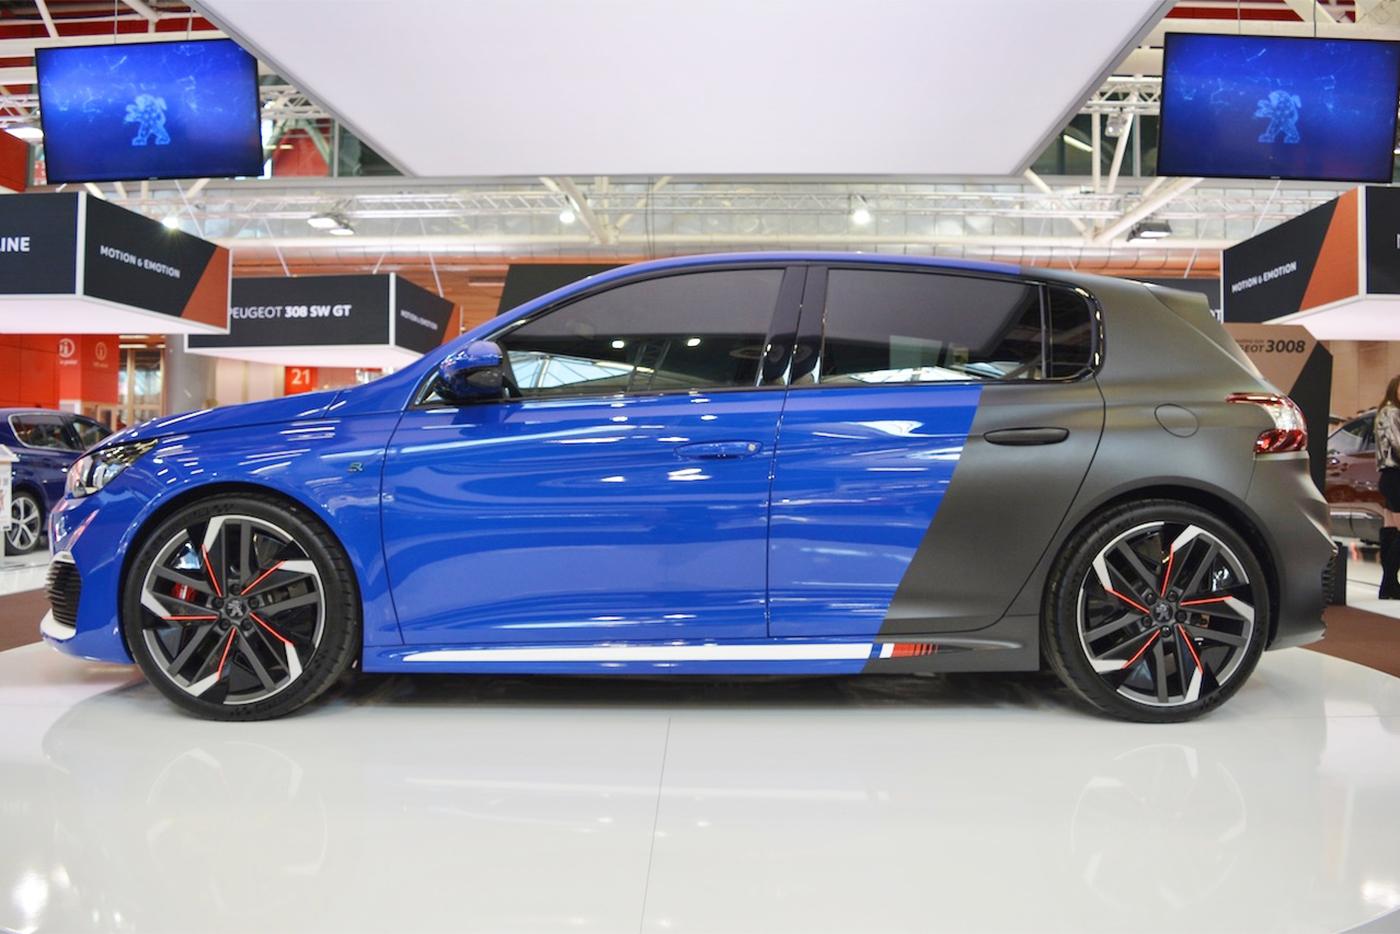 peugeot-308-r-hybrid-concept-2016-2.jpg